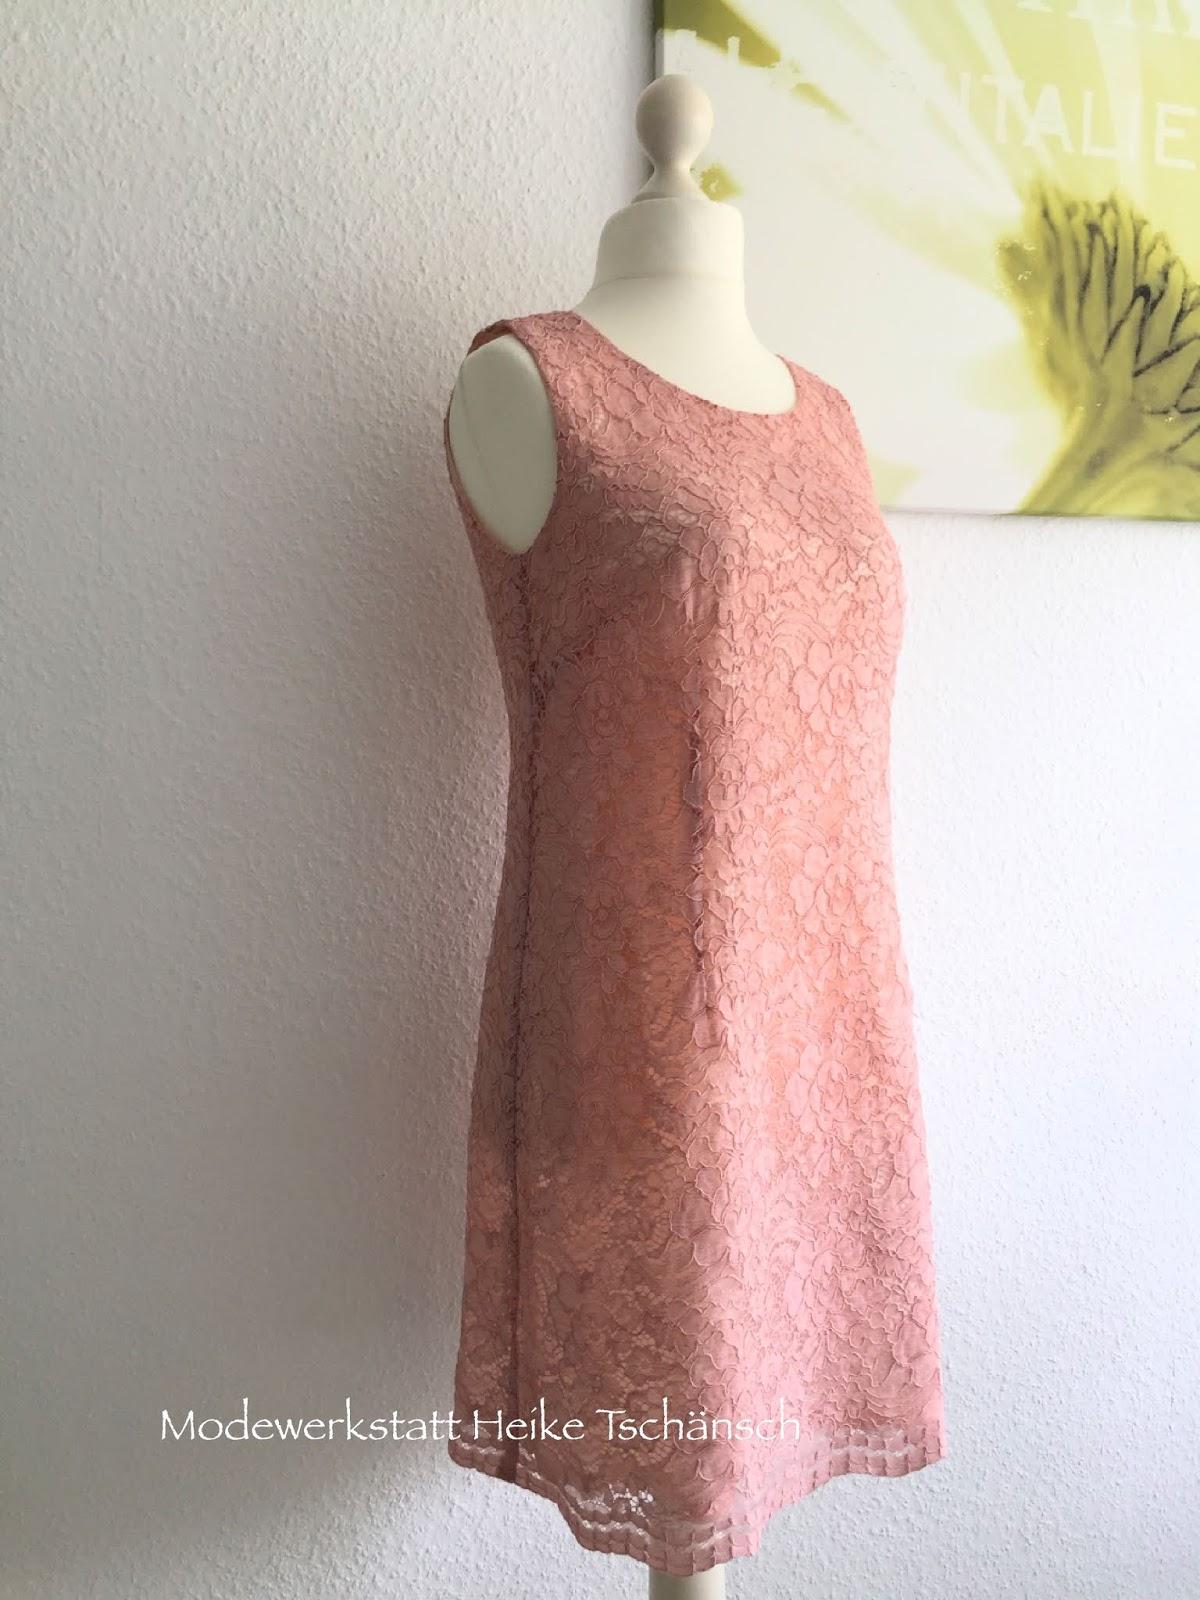 modewerkstatt ht: ein kleid für einen besonderen anlass